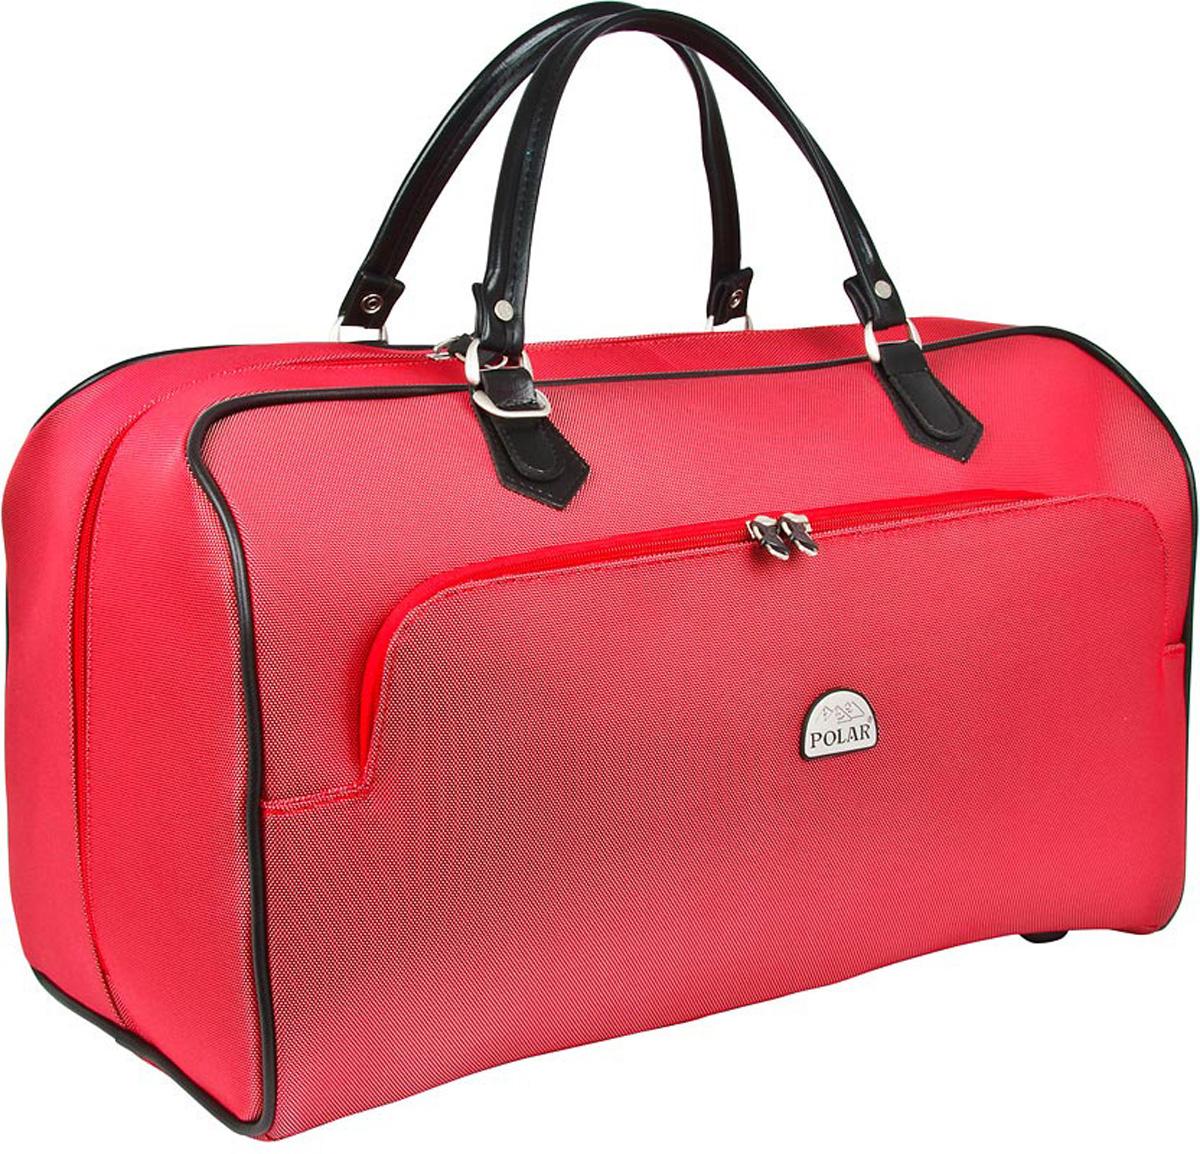 Сумка дорожная Polar, цвет: красный, 47 л. 70517051Стильная дорожная сумка Polar выполнена из кордура. Сумка имеет одно вместительное отделение, закрывающееся на двухстороннюю застежку-молнию. Стенки и дно - жесткие. Внутри - один большой карман на молнии. Снаружи - большой карман на молнии. Ручки отделаны искусственной кожей. В комплекте есть съемный, регулируемый плечевой ремень.